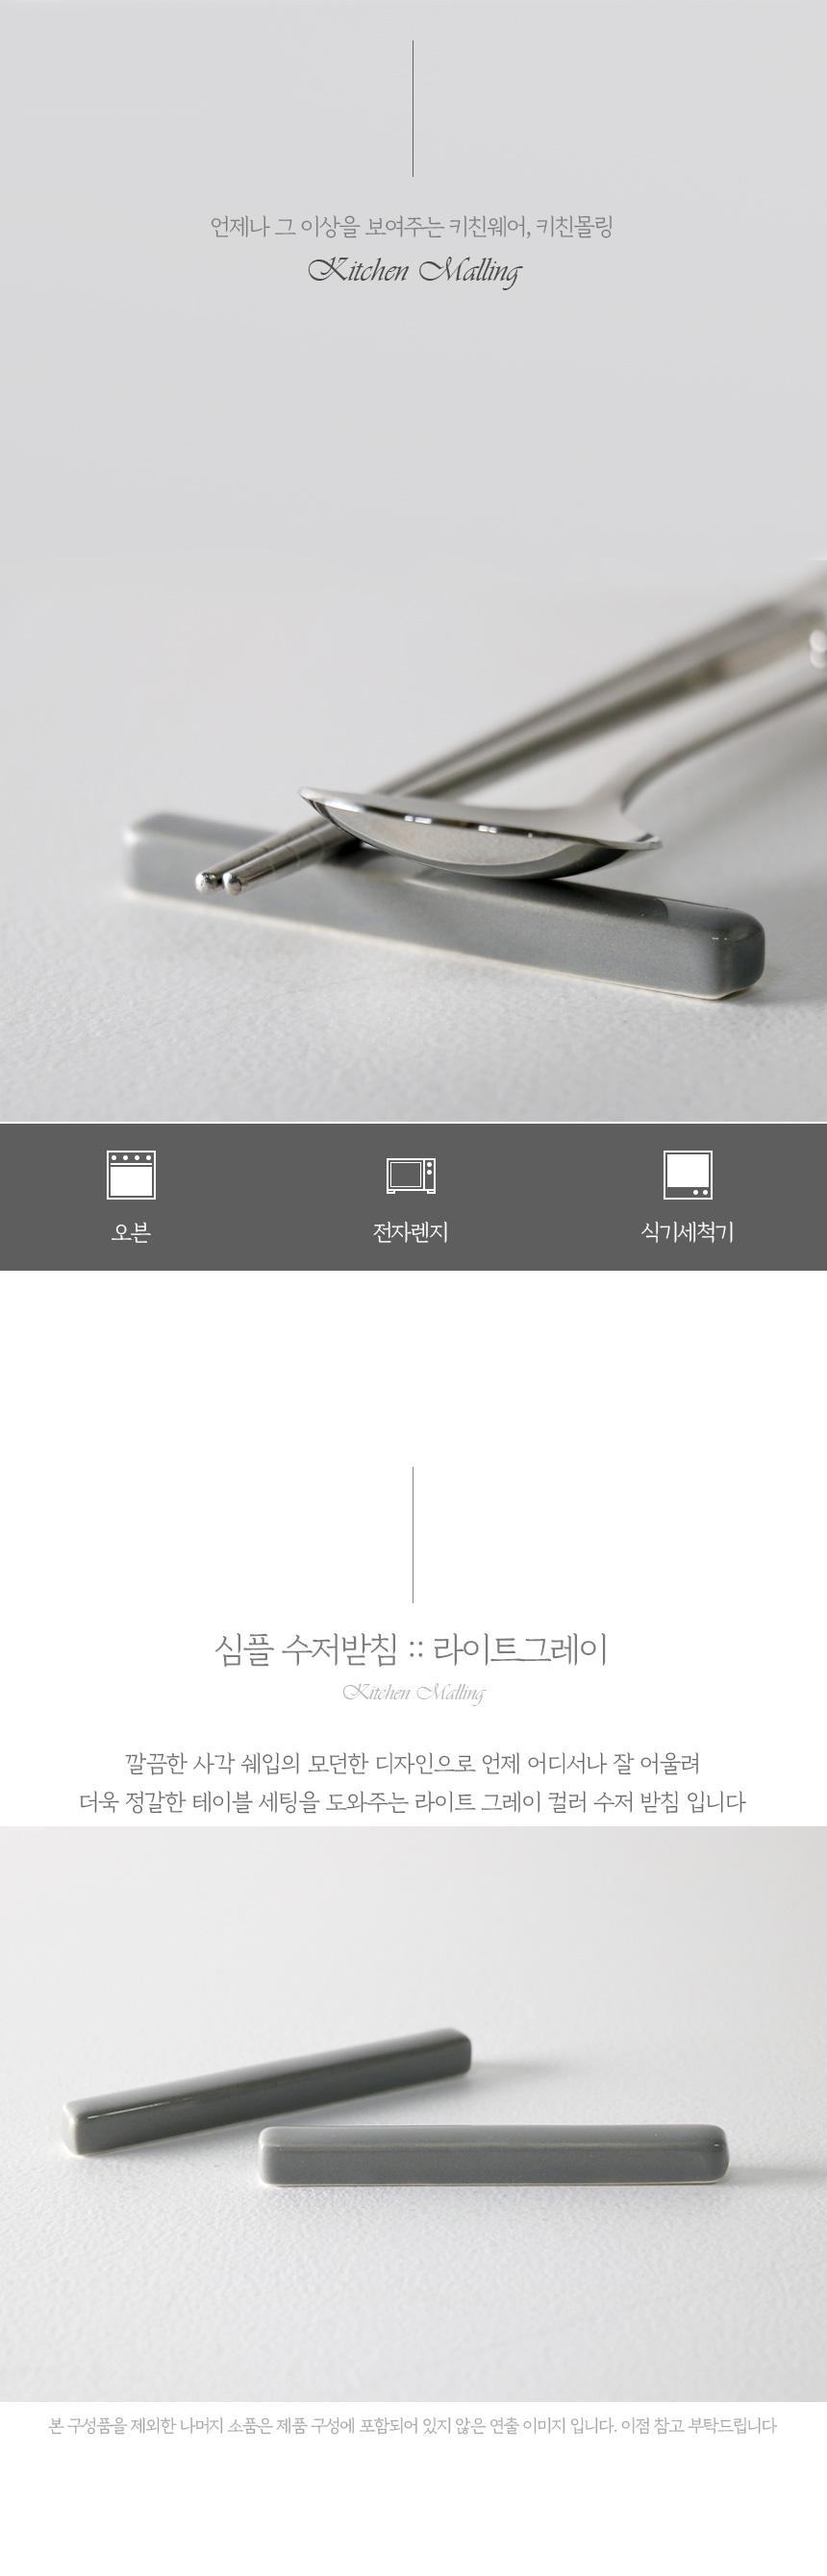 심플 수저받침 - 키친몰링, 1,500원, 숟가락/젓가락/스틱, 수저받침